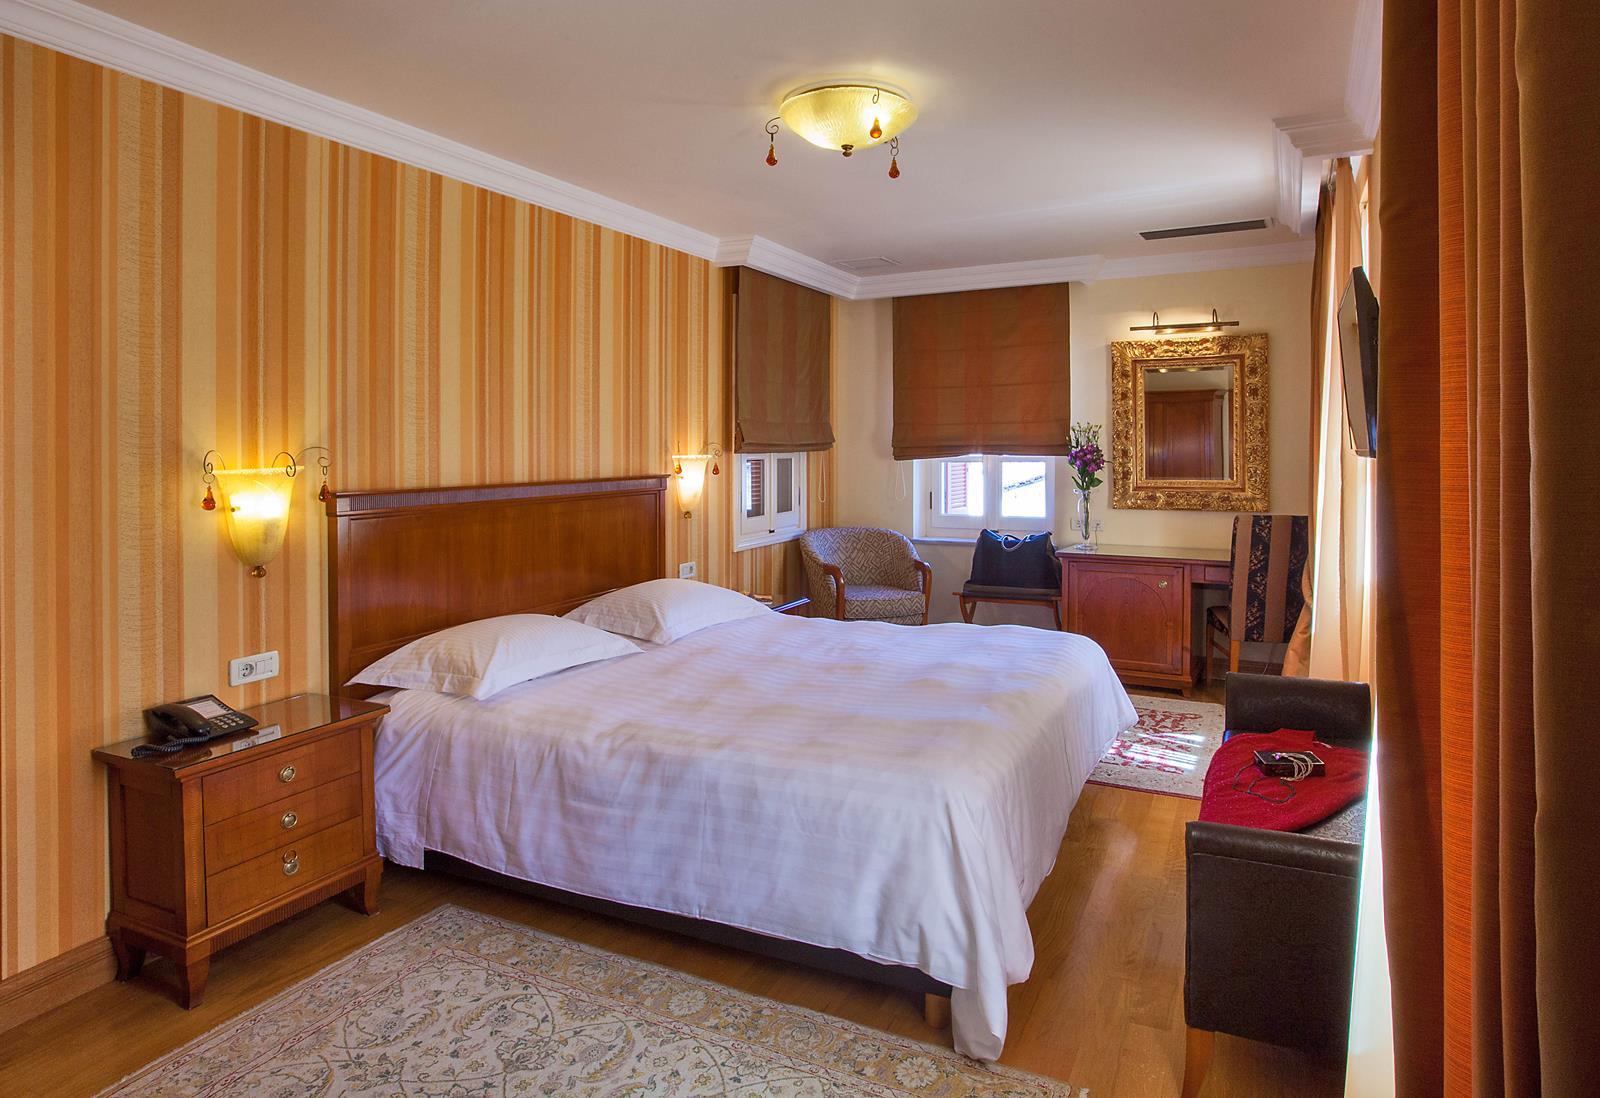 ναύπλιο ξενώνες - Aetoma Guest Houses